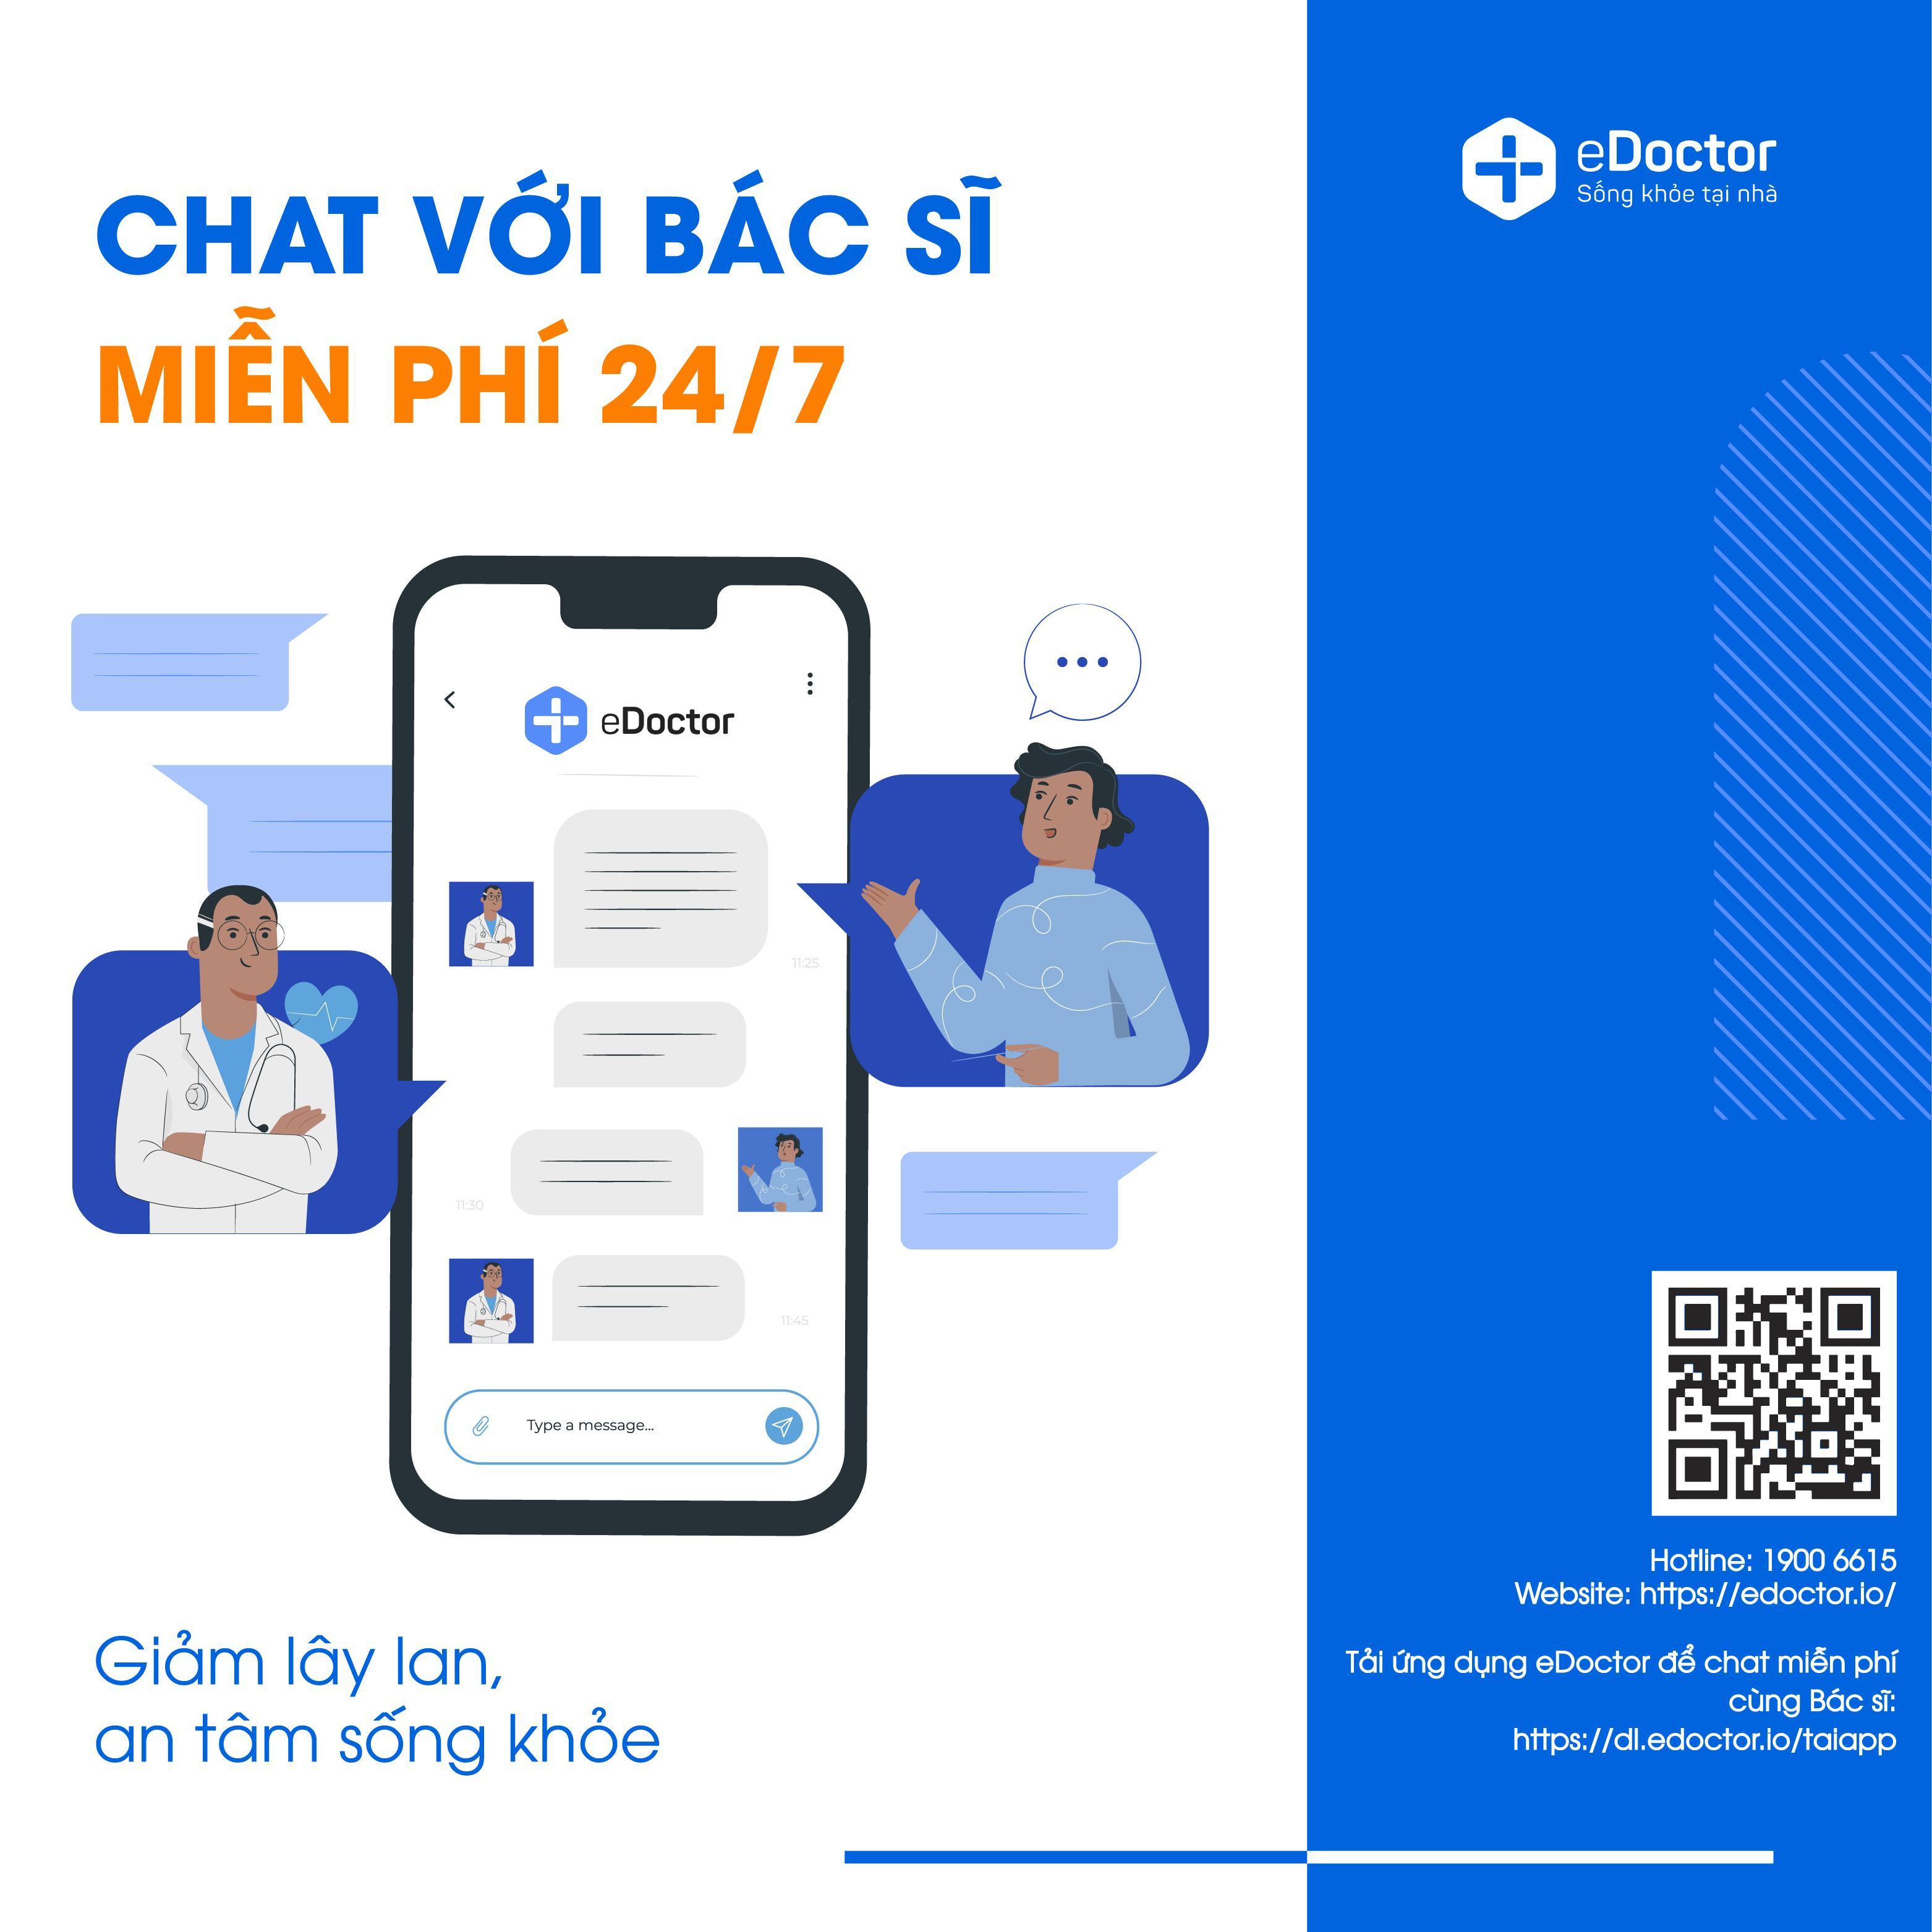 eDoctor - Chat miễn phí 24/7 với Bác sĩ : Giảm lây lan, an tâm sống khỏe